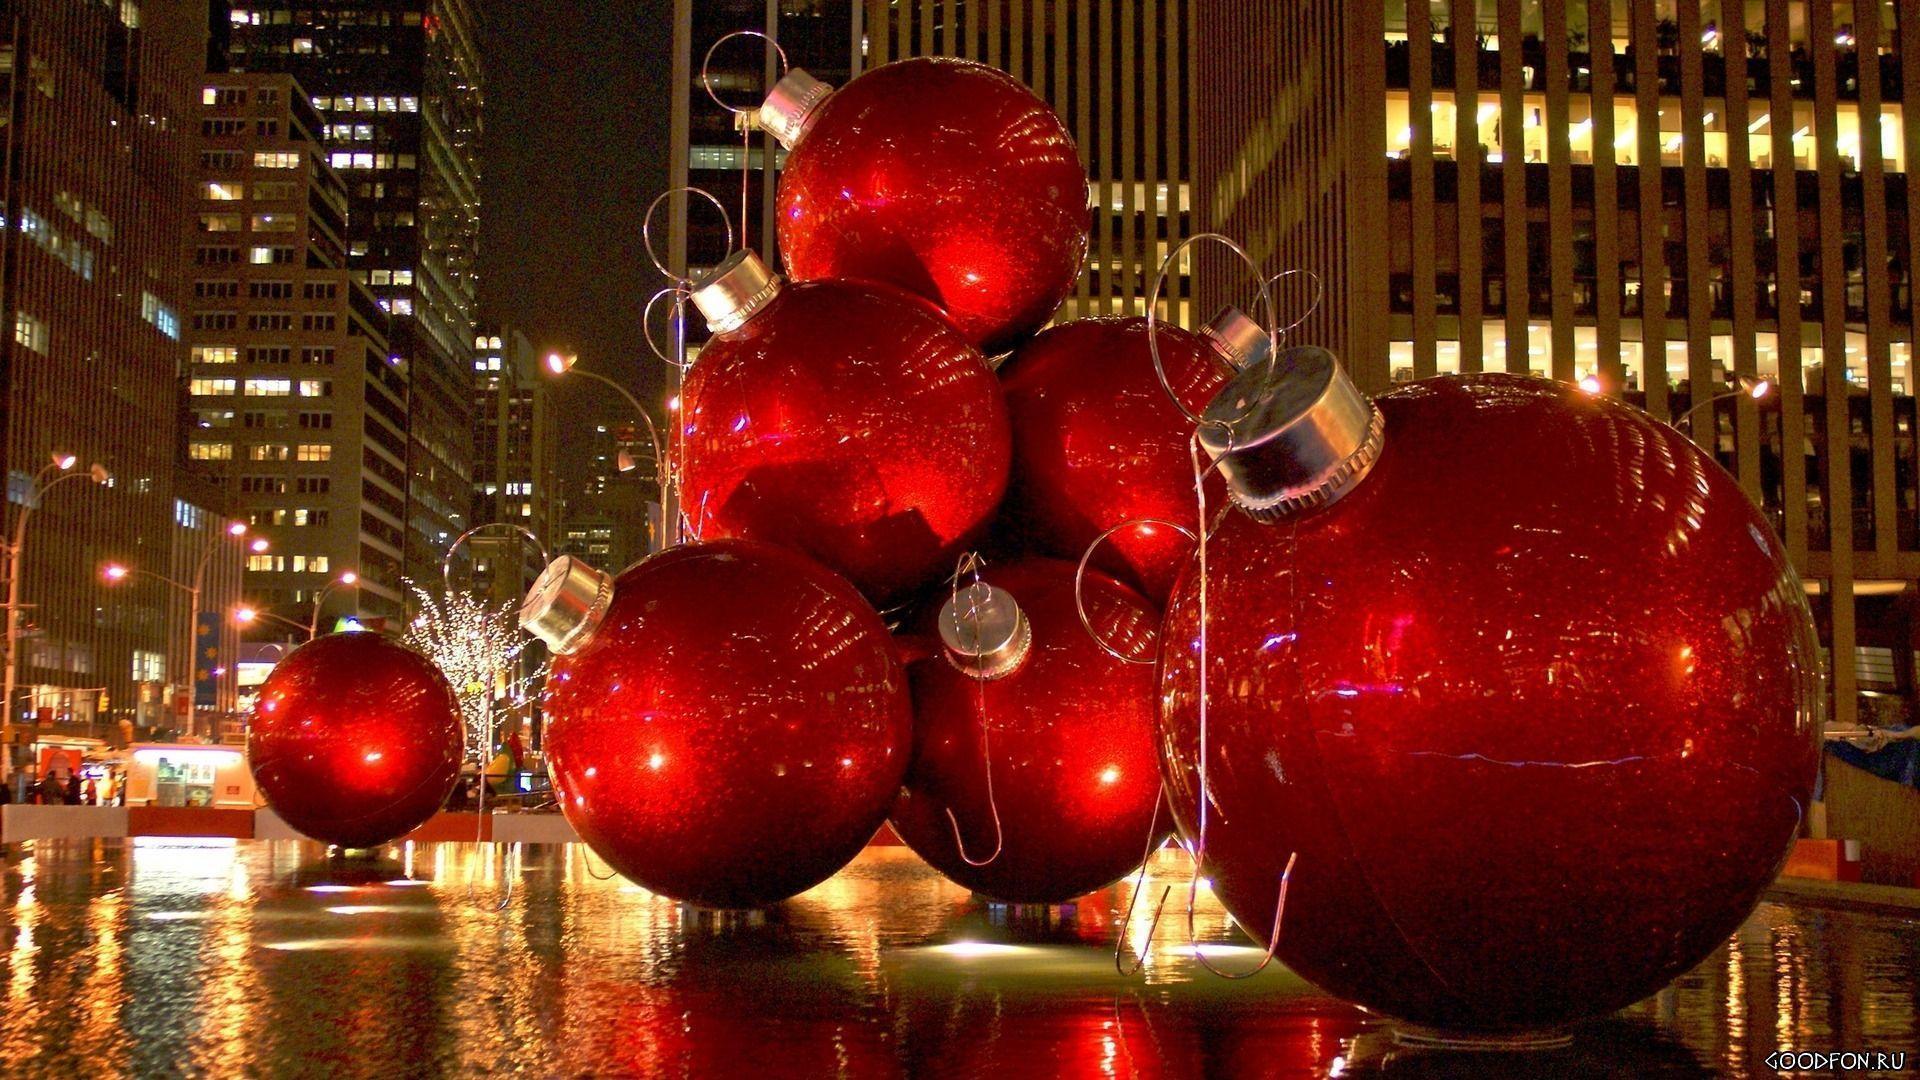 New York Christmas Wallpapers 1920x1080